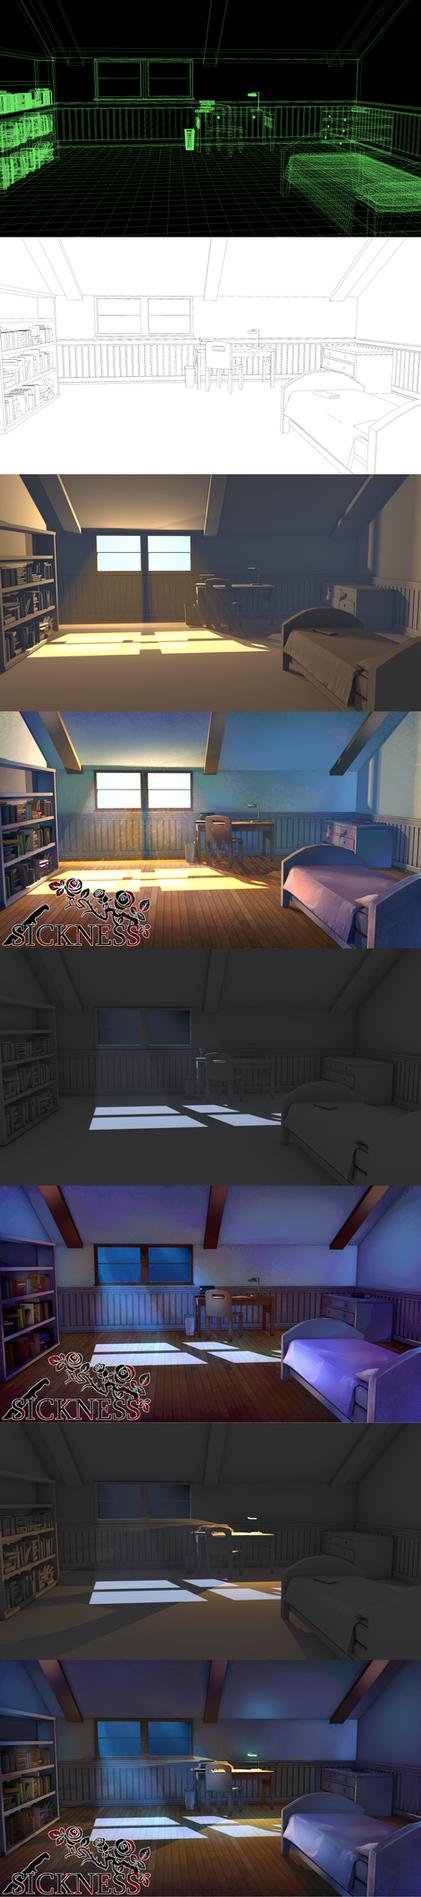 Lucia's Bedroom by UberVestigium